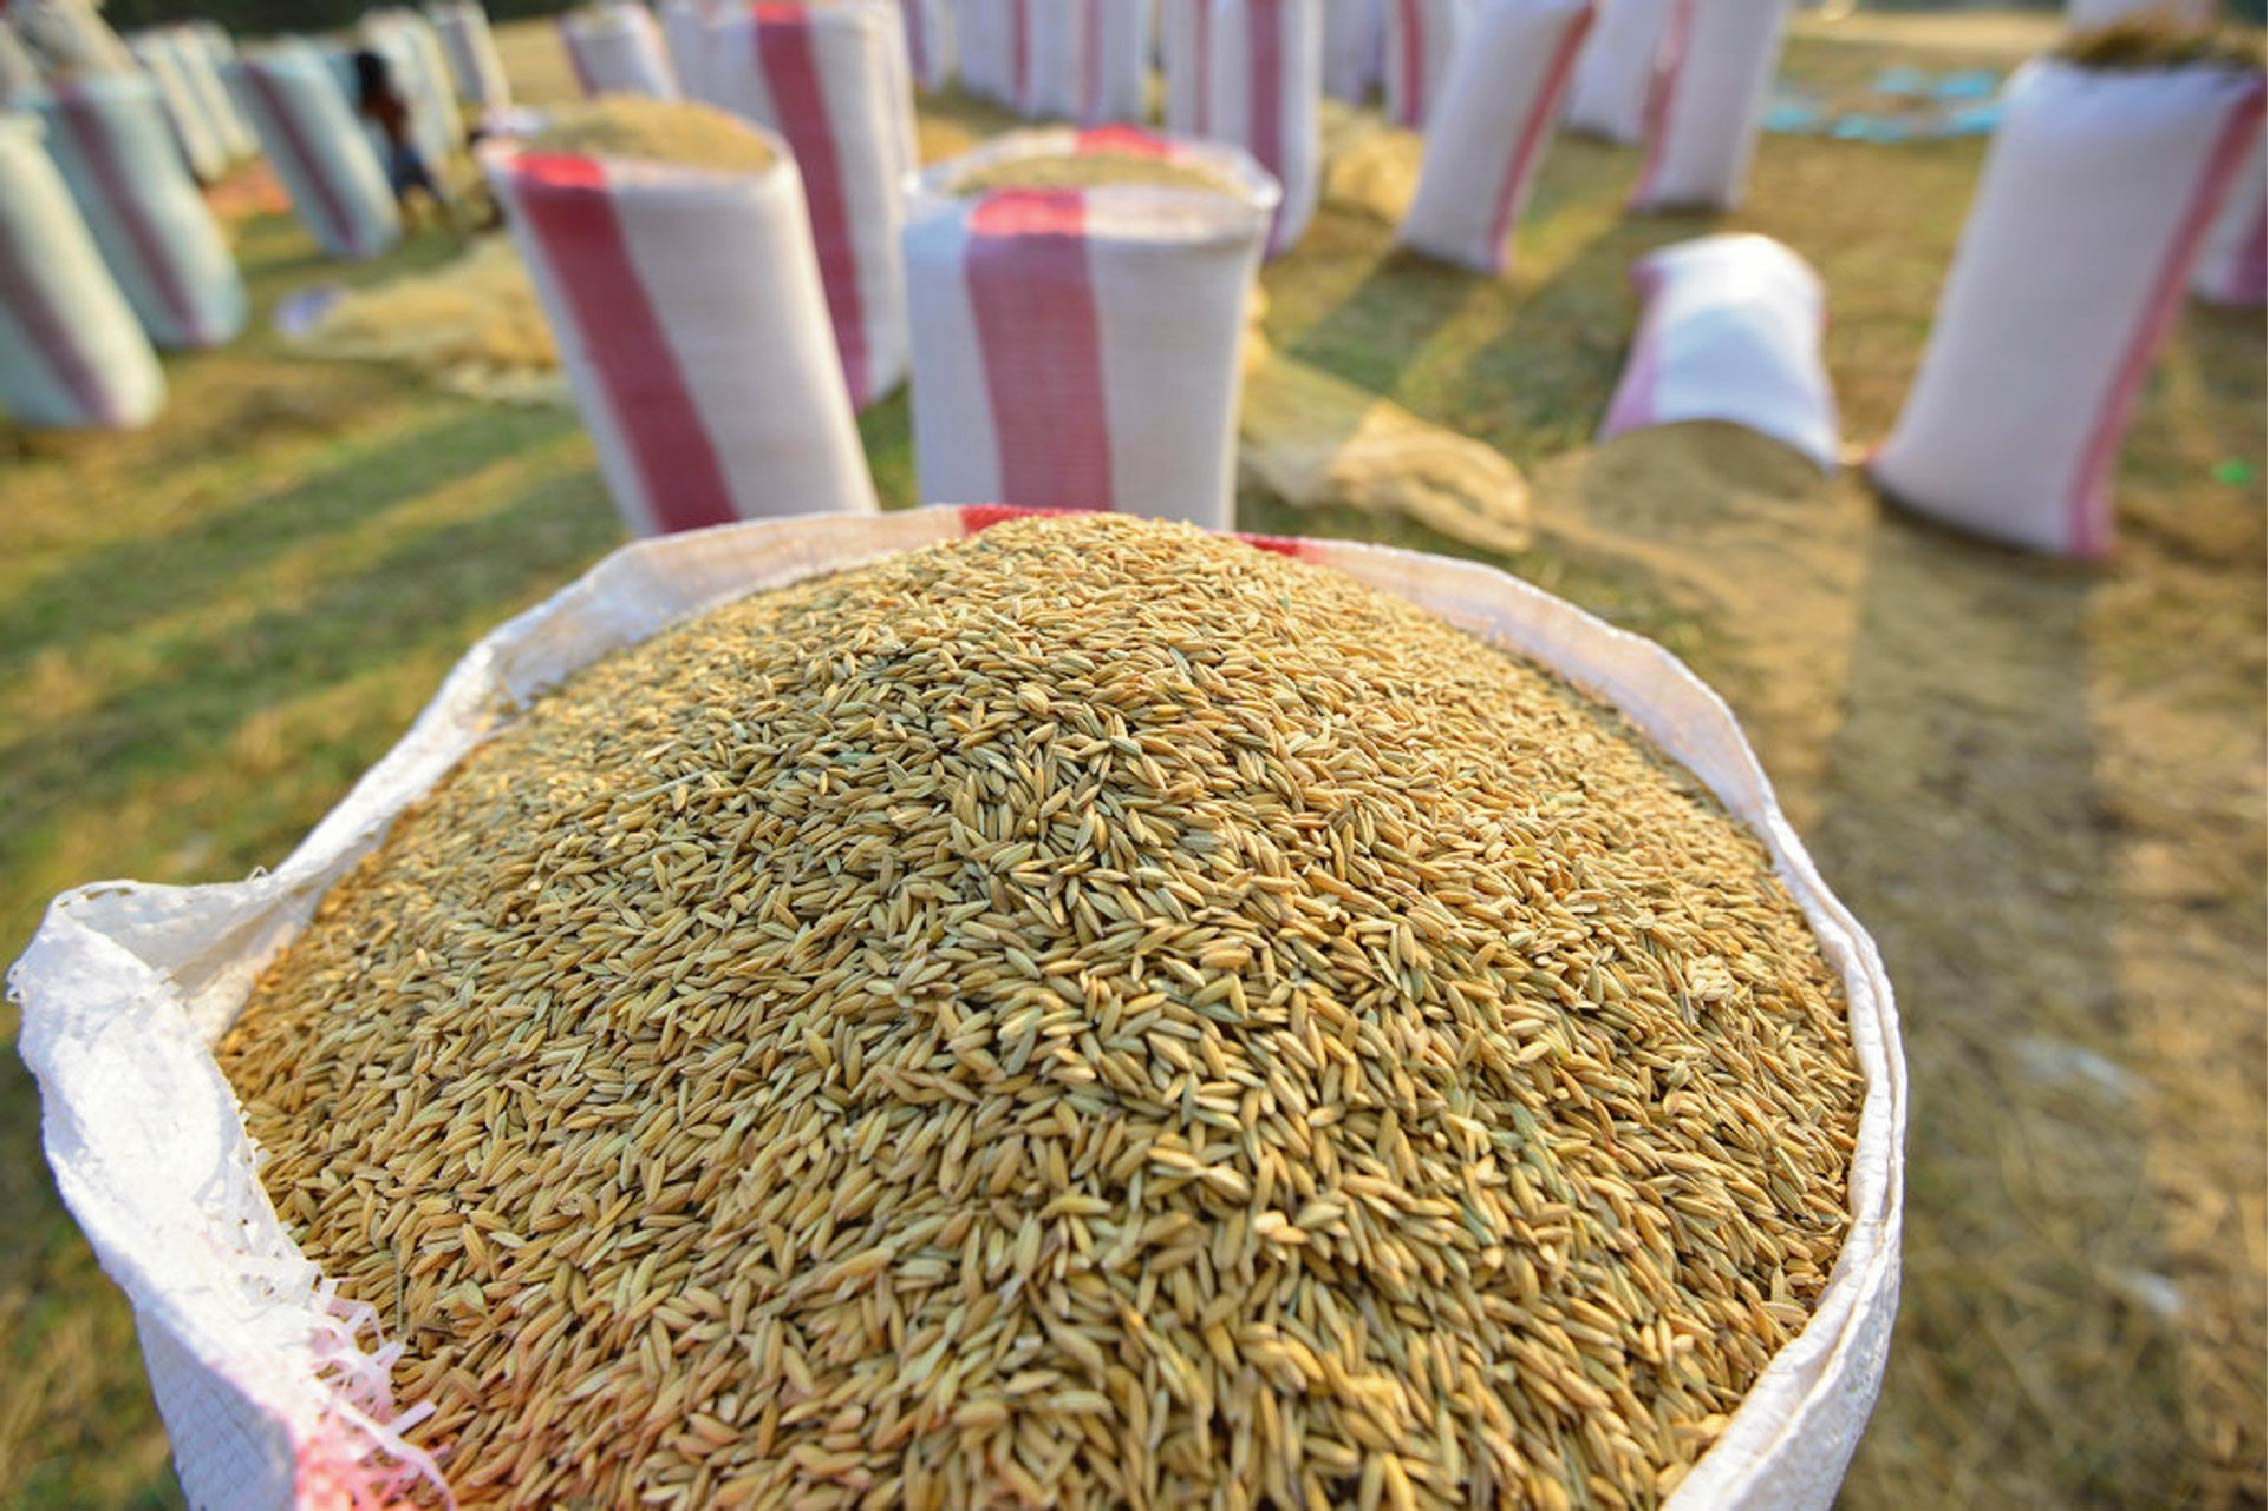 Hạt giống tốt giúp nông dân trúng mùa - bao bì đựng hạt giống cao cấp